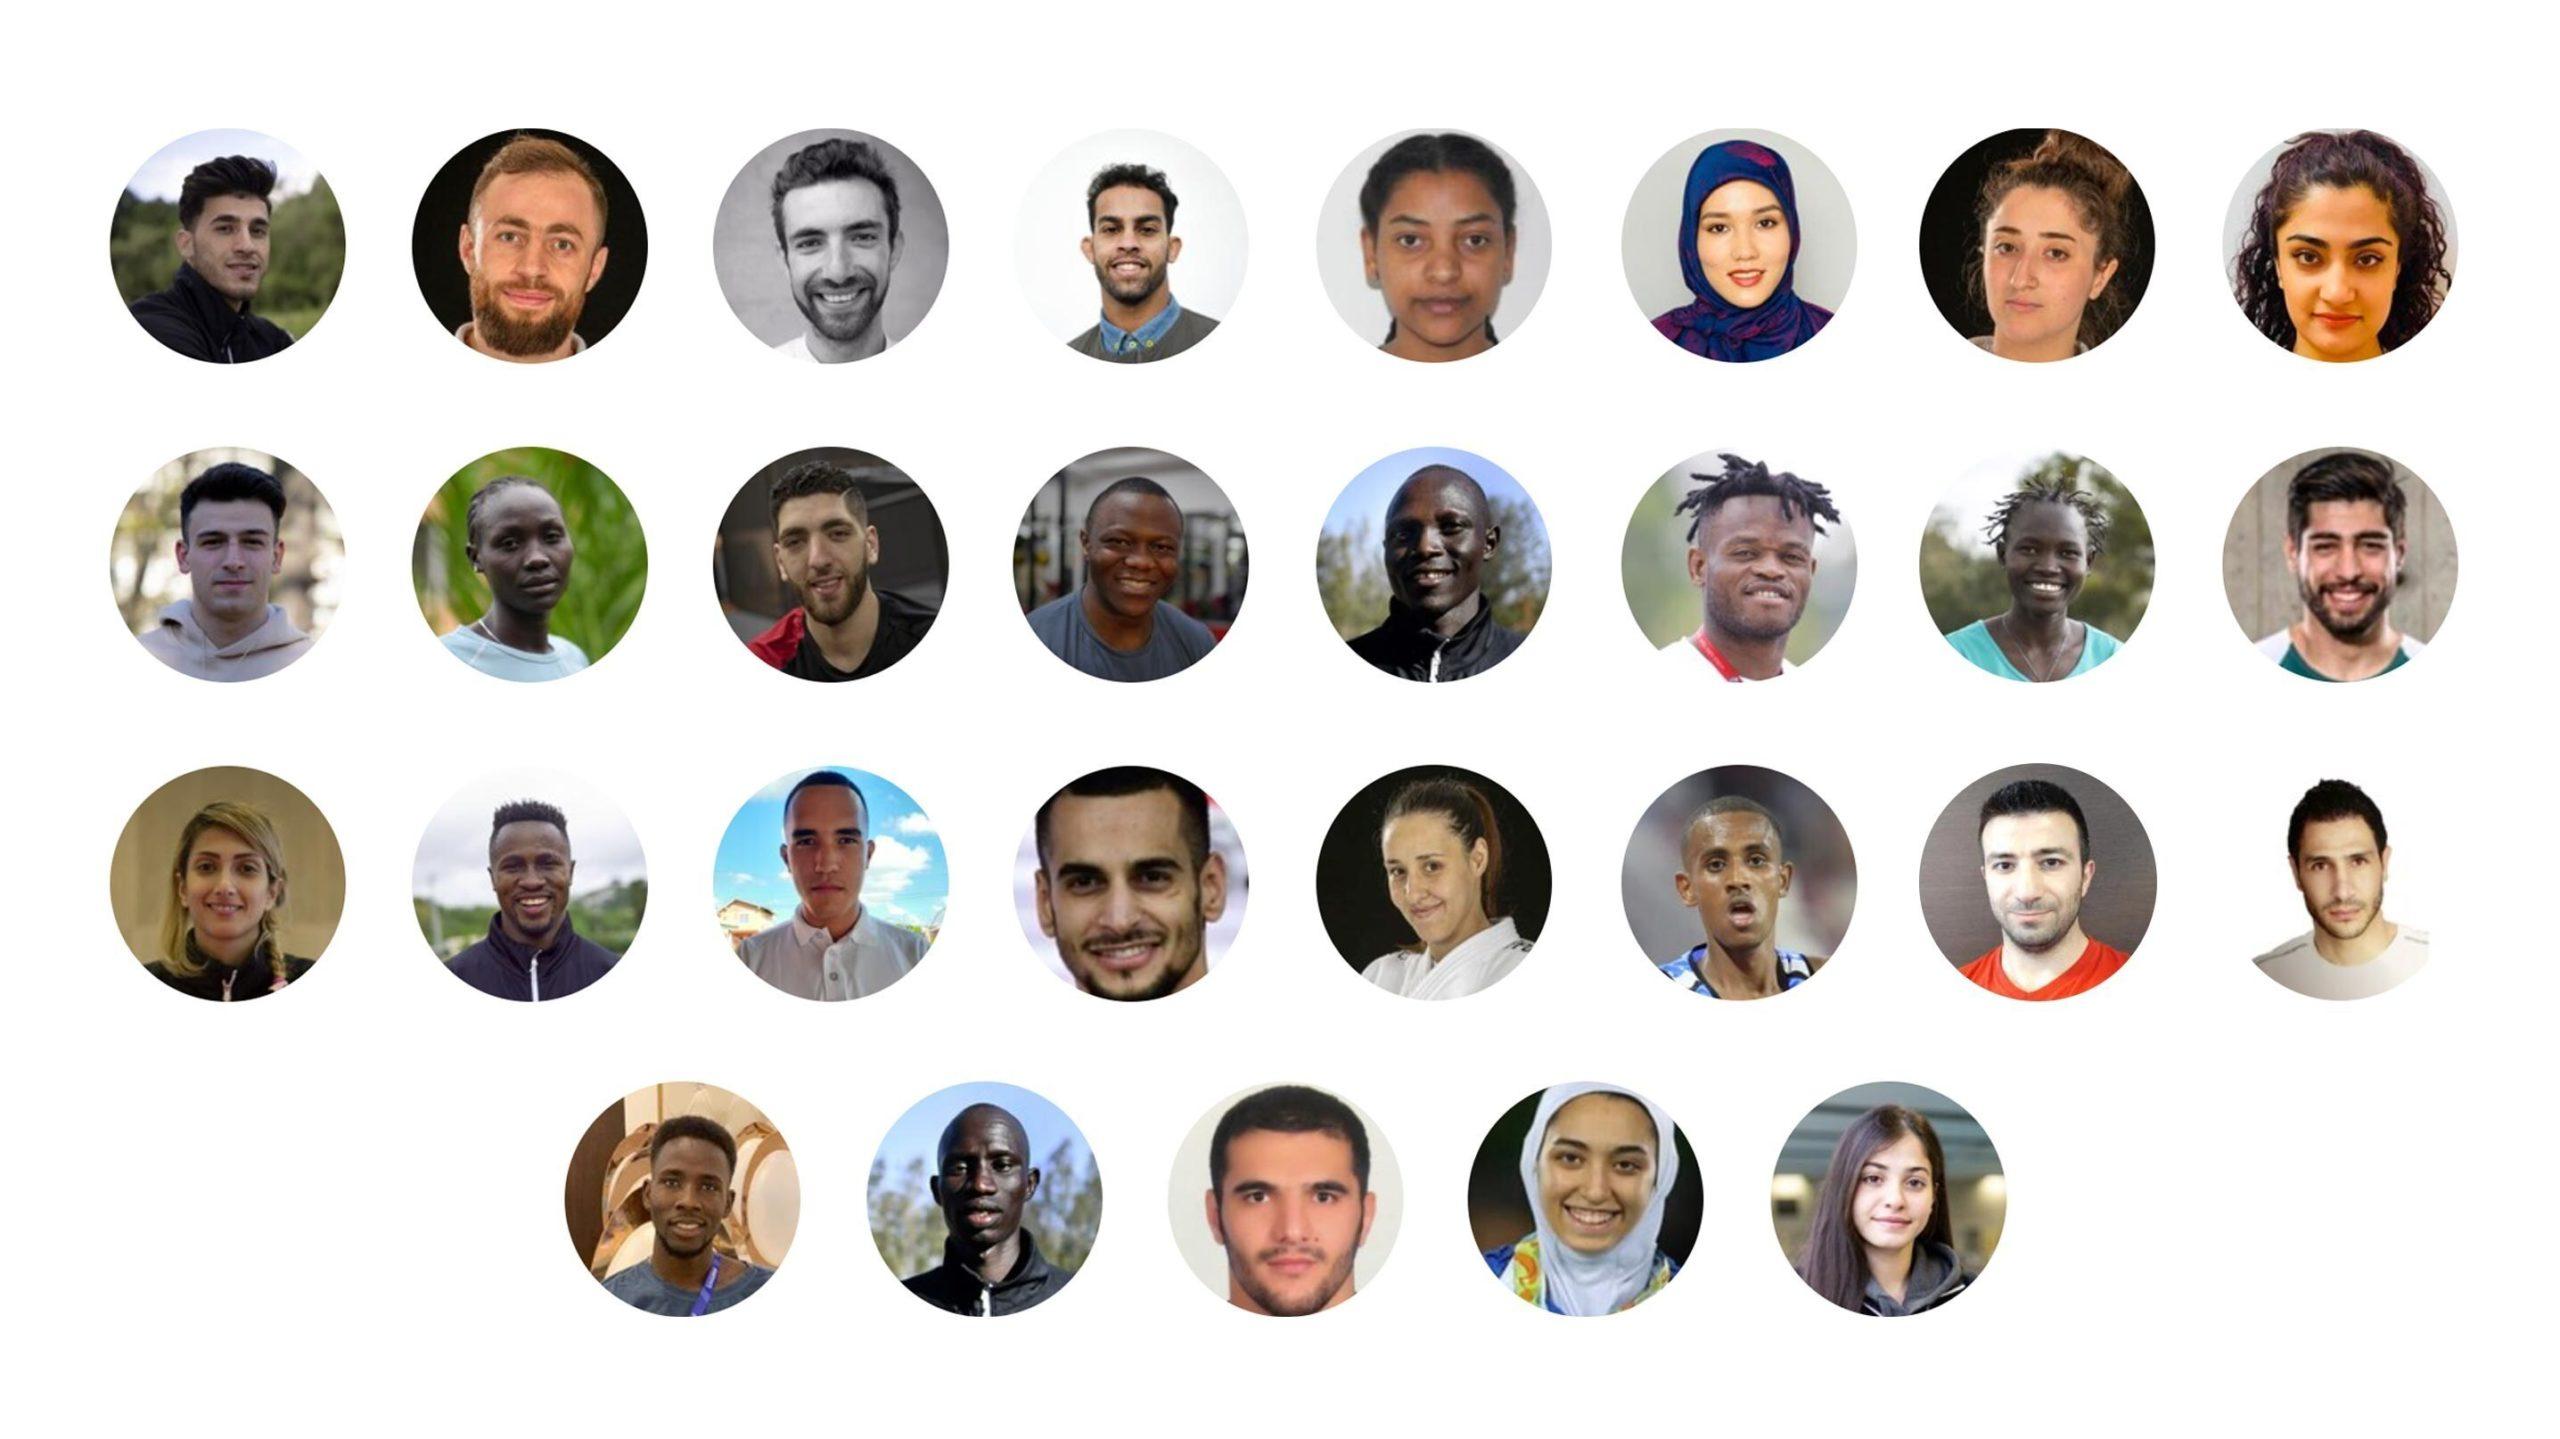 کیمیا علیزاده و دینا پور یونس در رشته تکواندو، جواد محجوب در جودو و هامون درفشی پور در کاراته، در قالب تیم پناهجویان در المپیک خواهند بود.